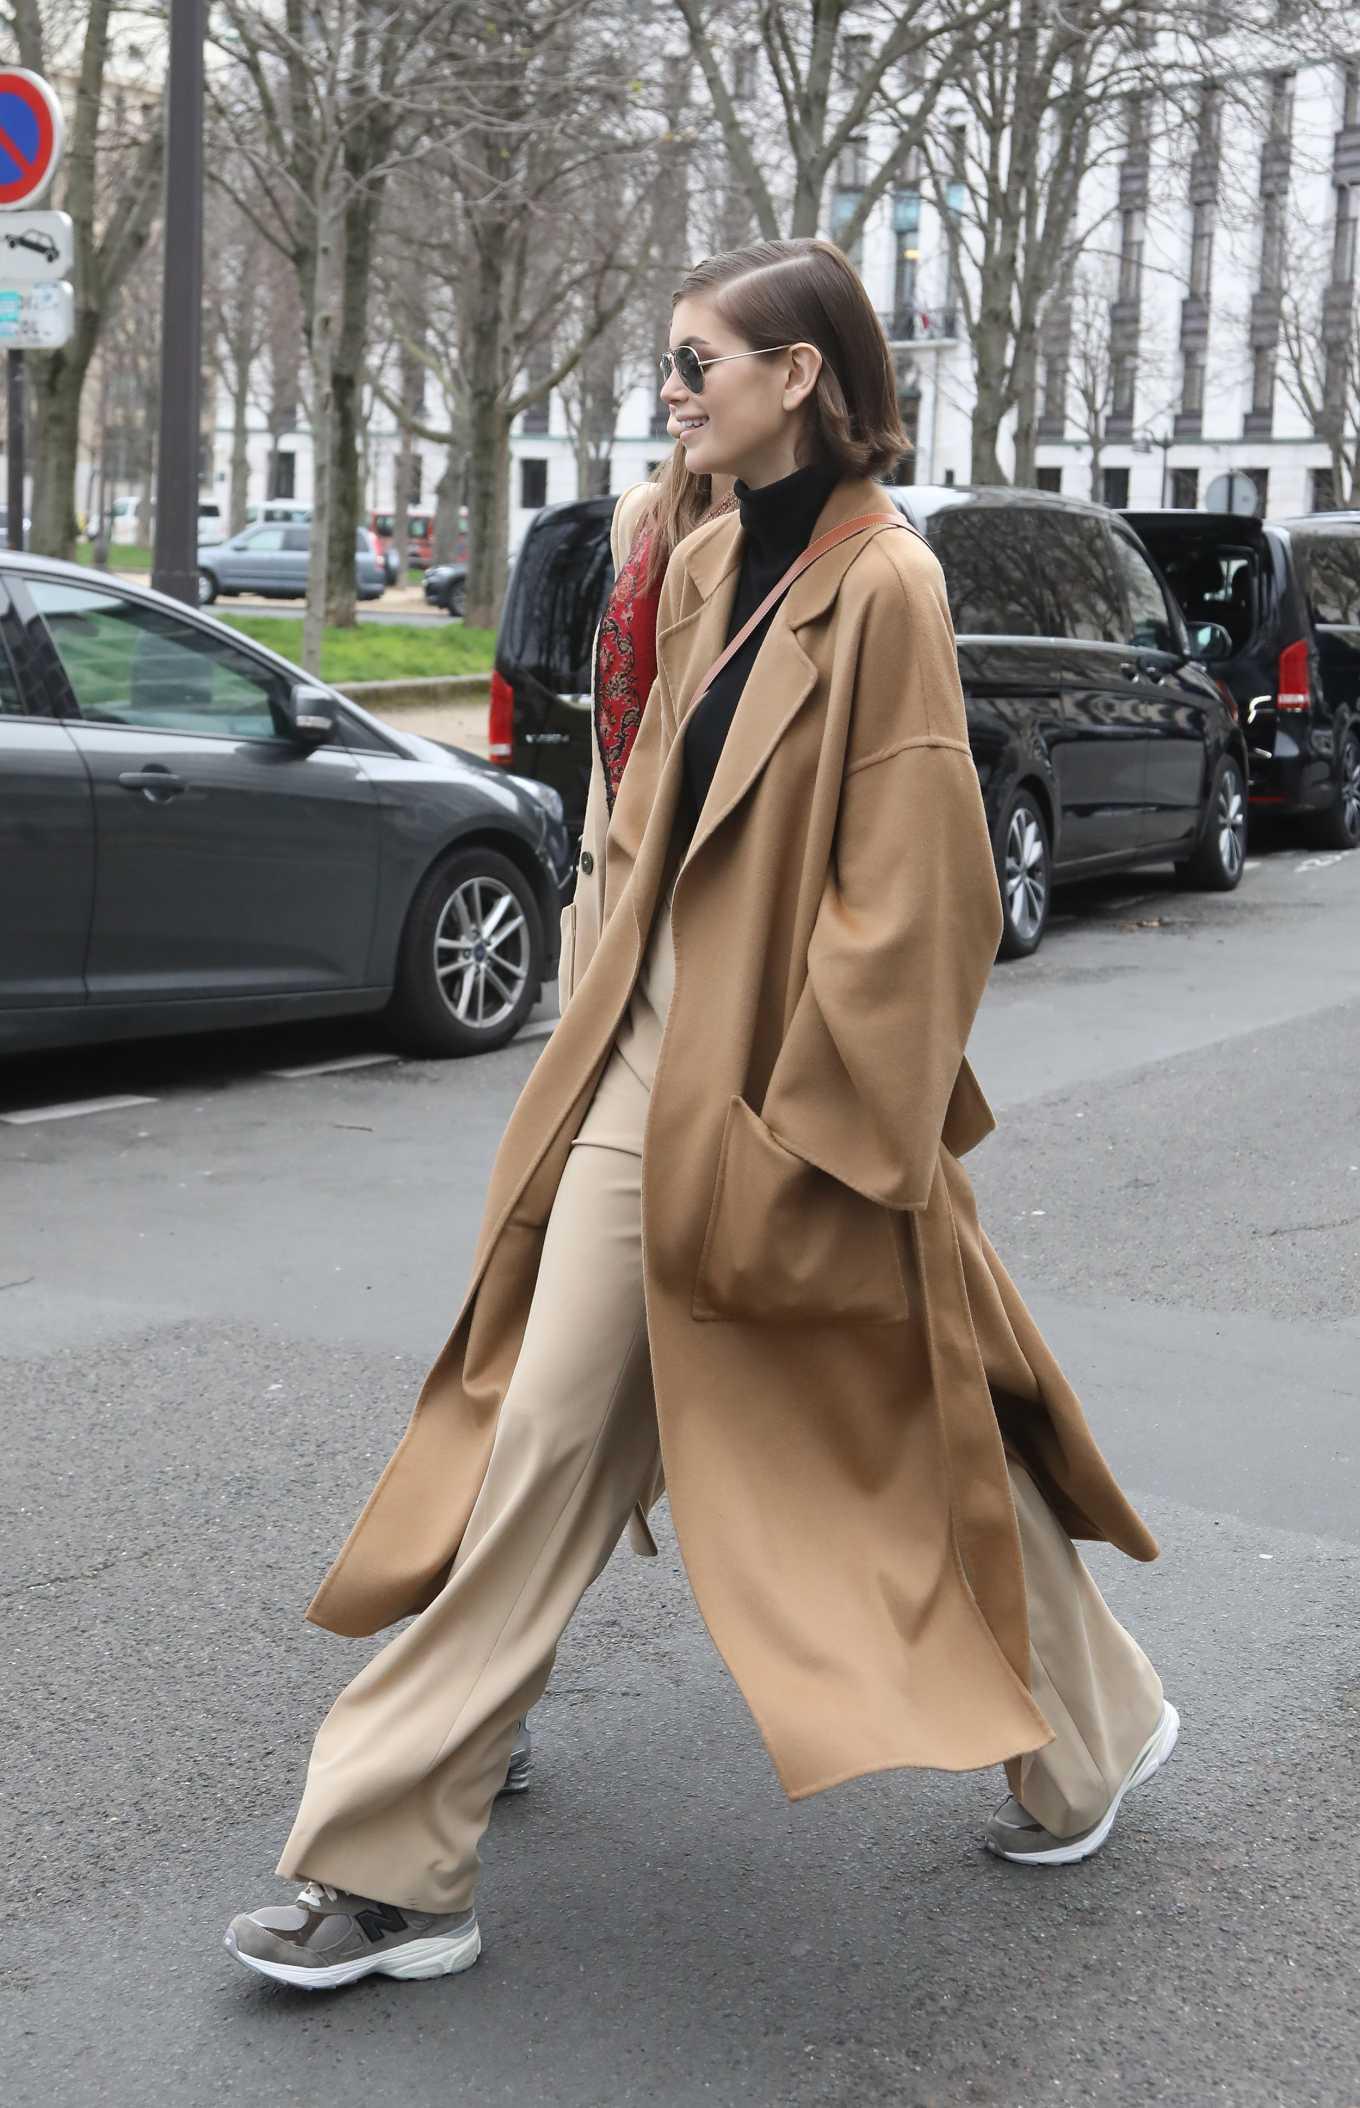 Kaia Gerber 2020 : Kaia Gerber – Out in Paris-03